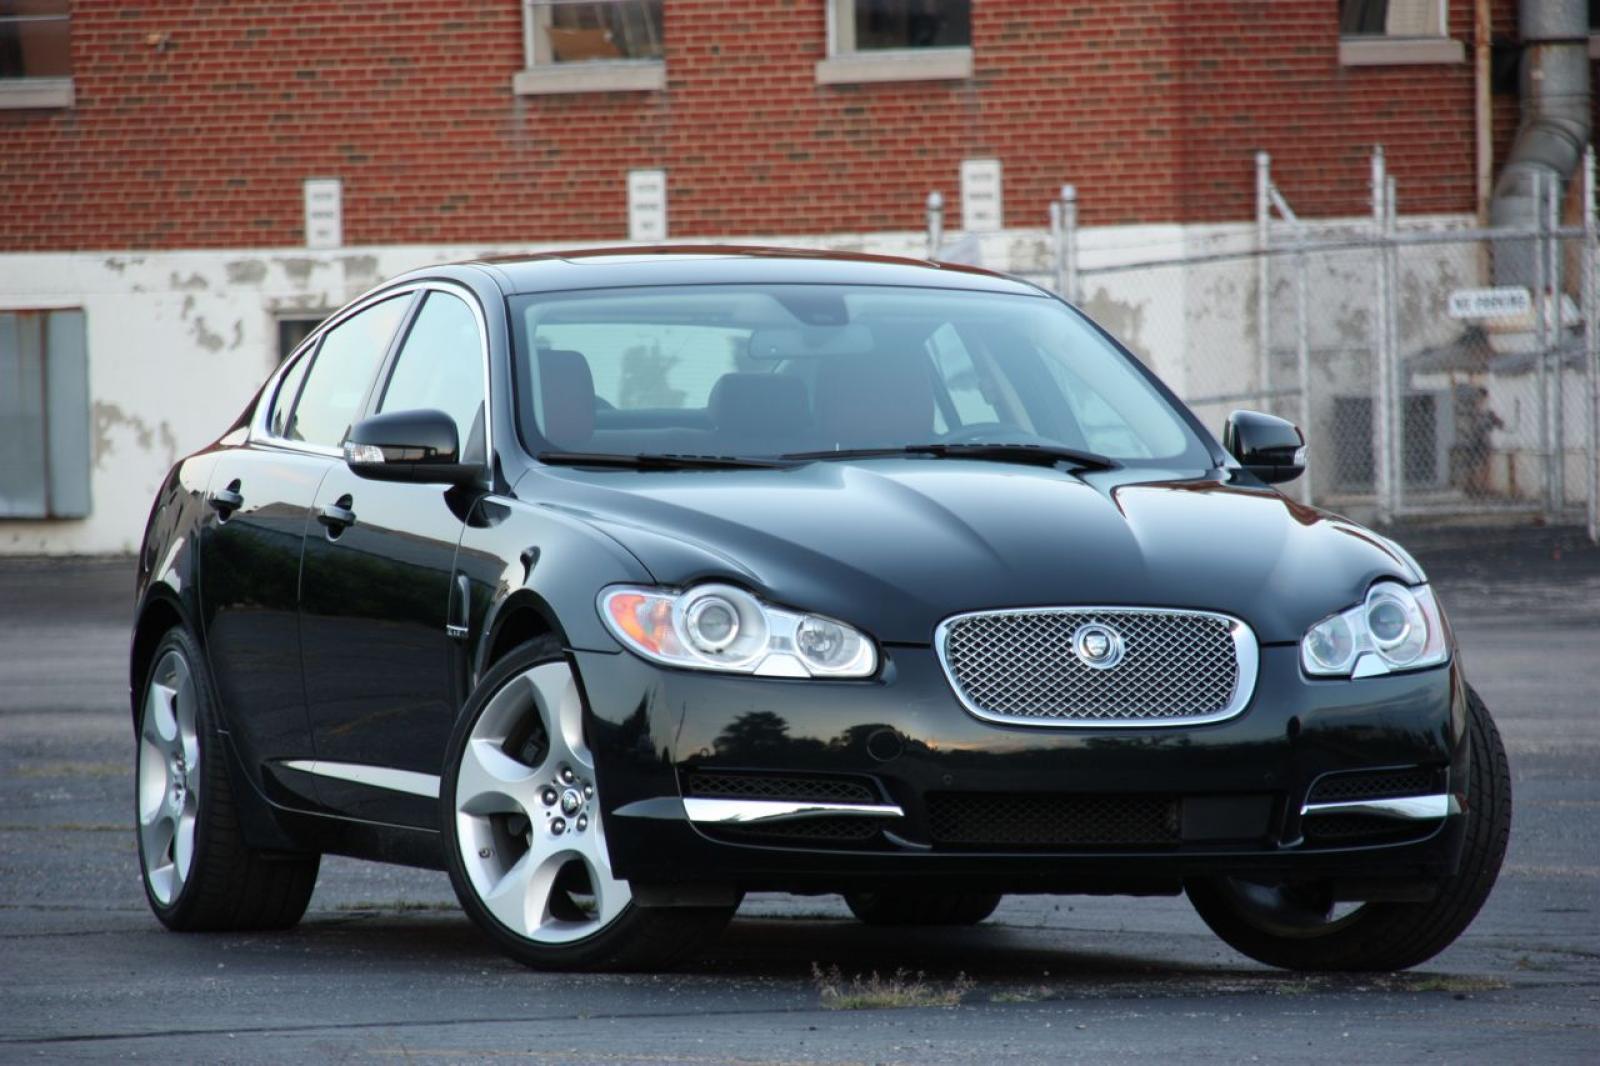 800 1024 1280 1600 Origin 2009 Jaguar